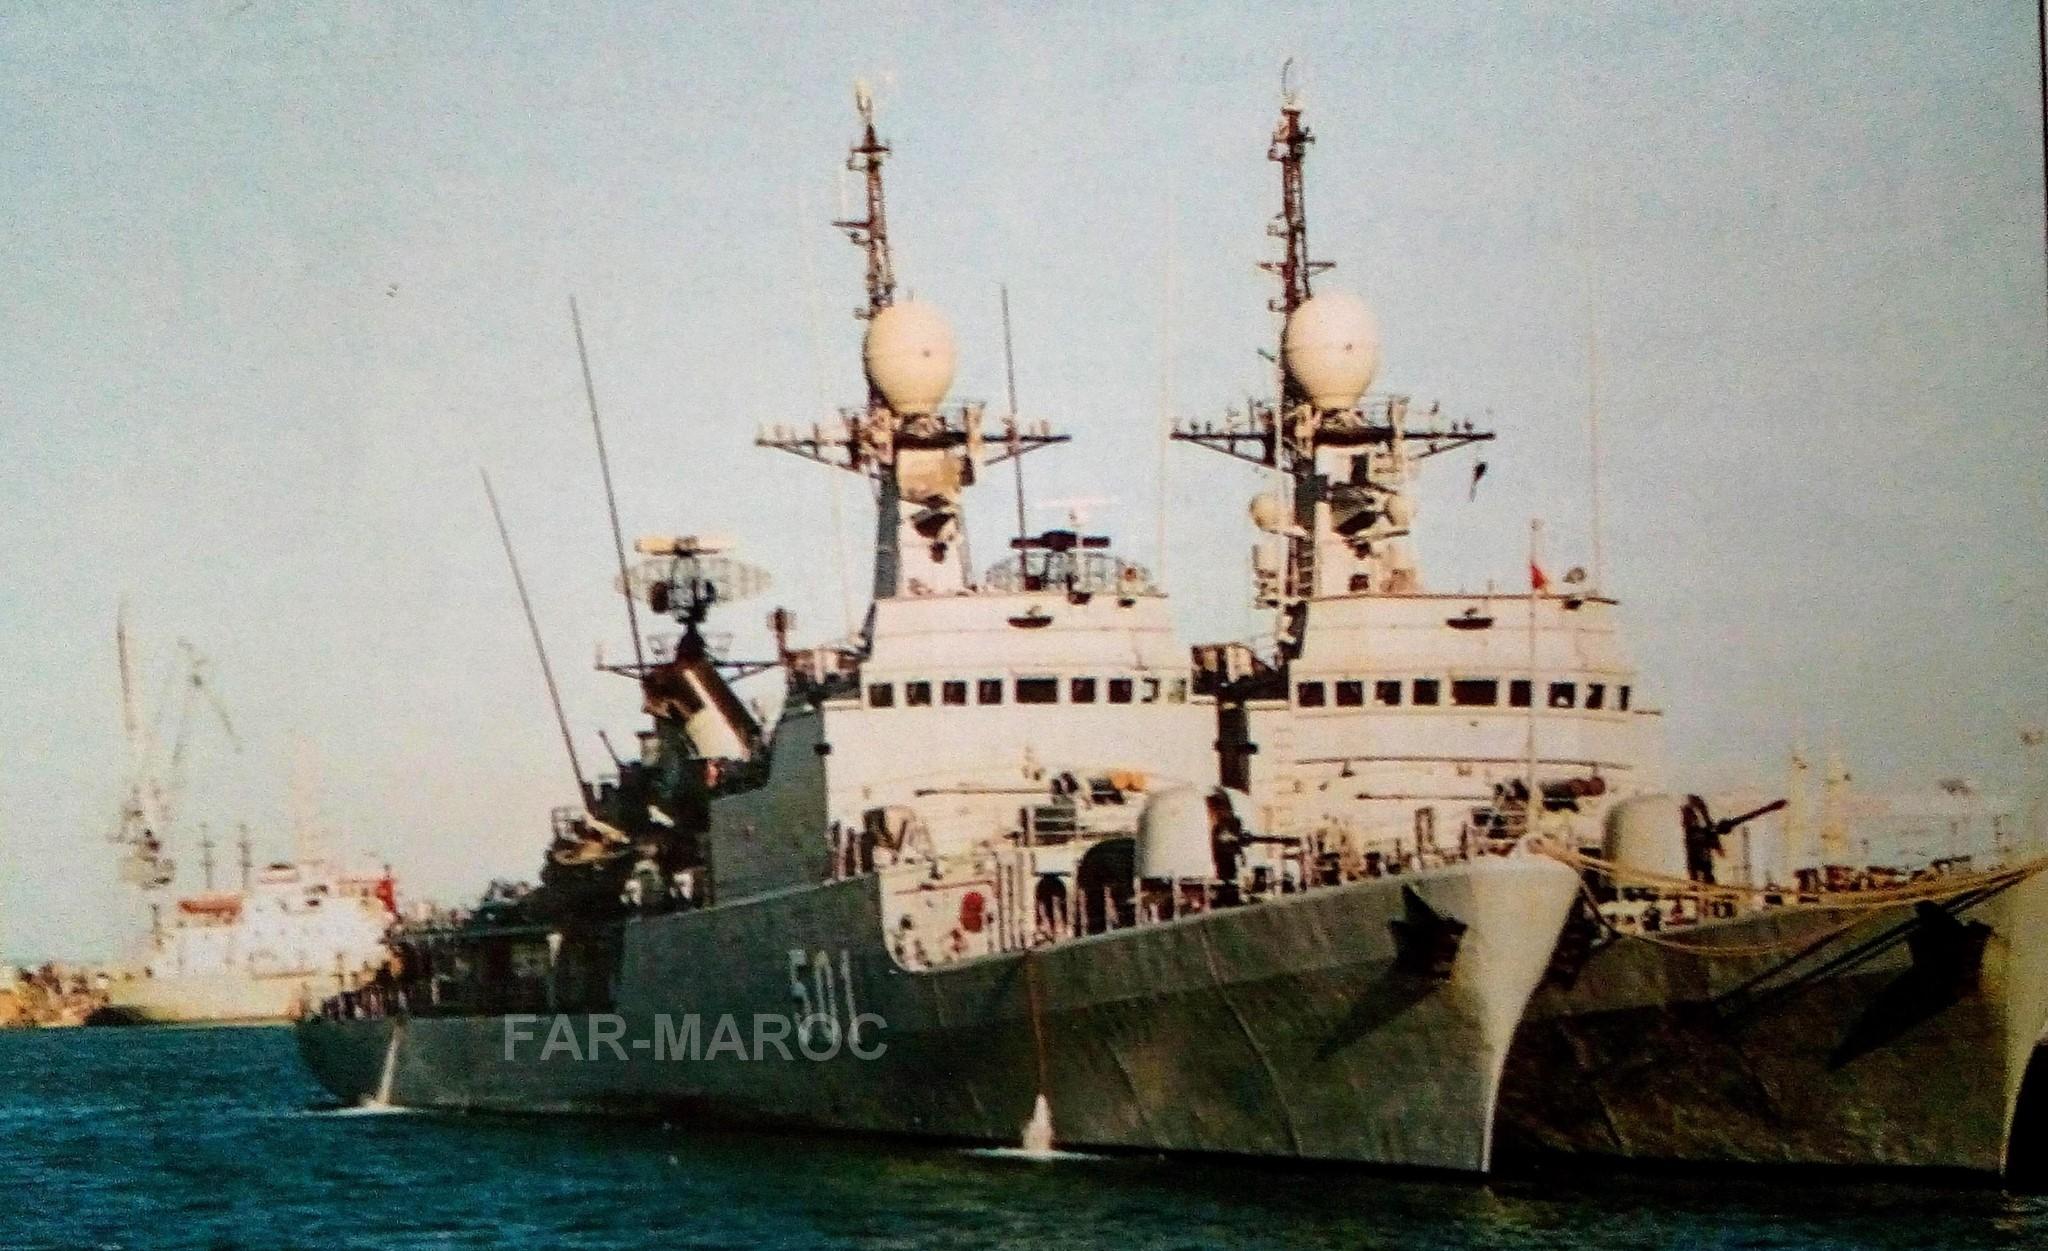 Royal Moroccan Navy Descubierta Frigate / Patrouilleur Océanique Lt Cl Errahmani - Bâtiment École - Page 4 49273250141_c7b0685575_o